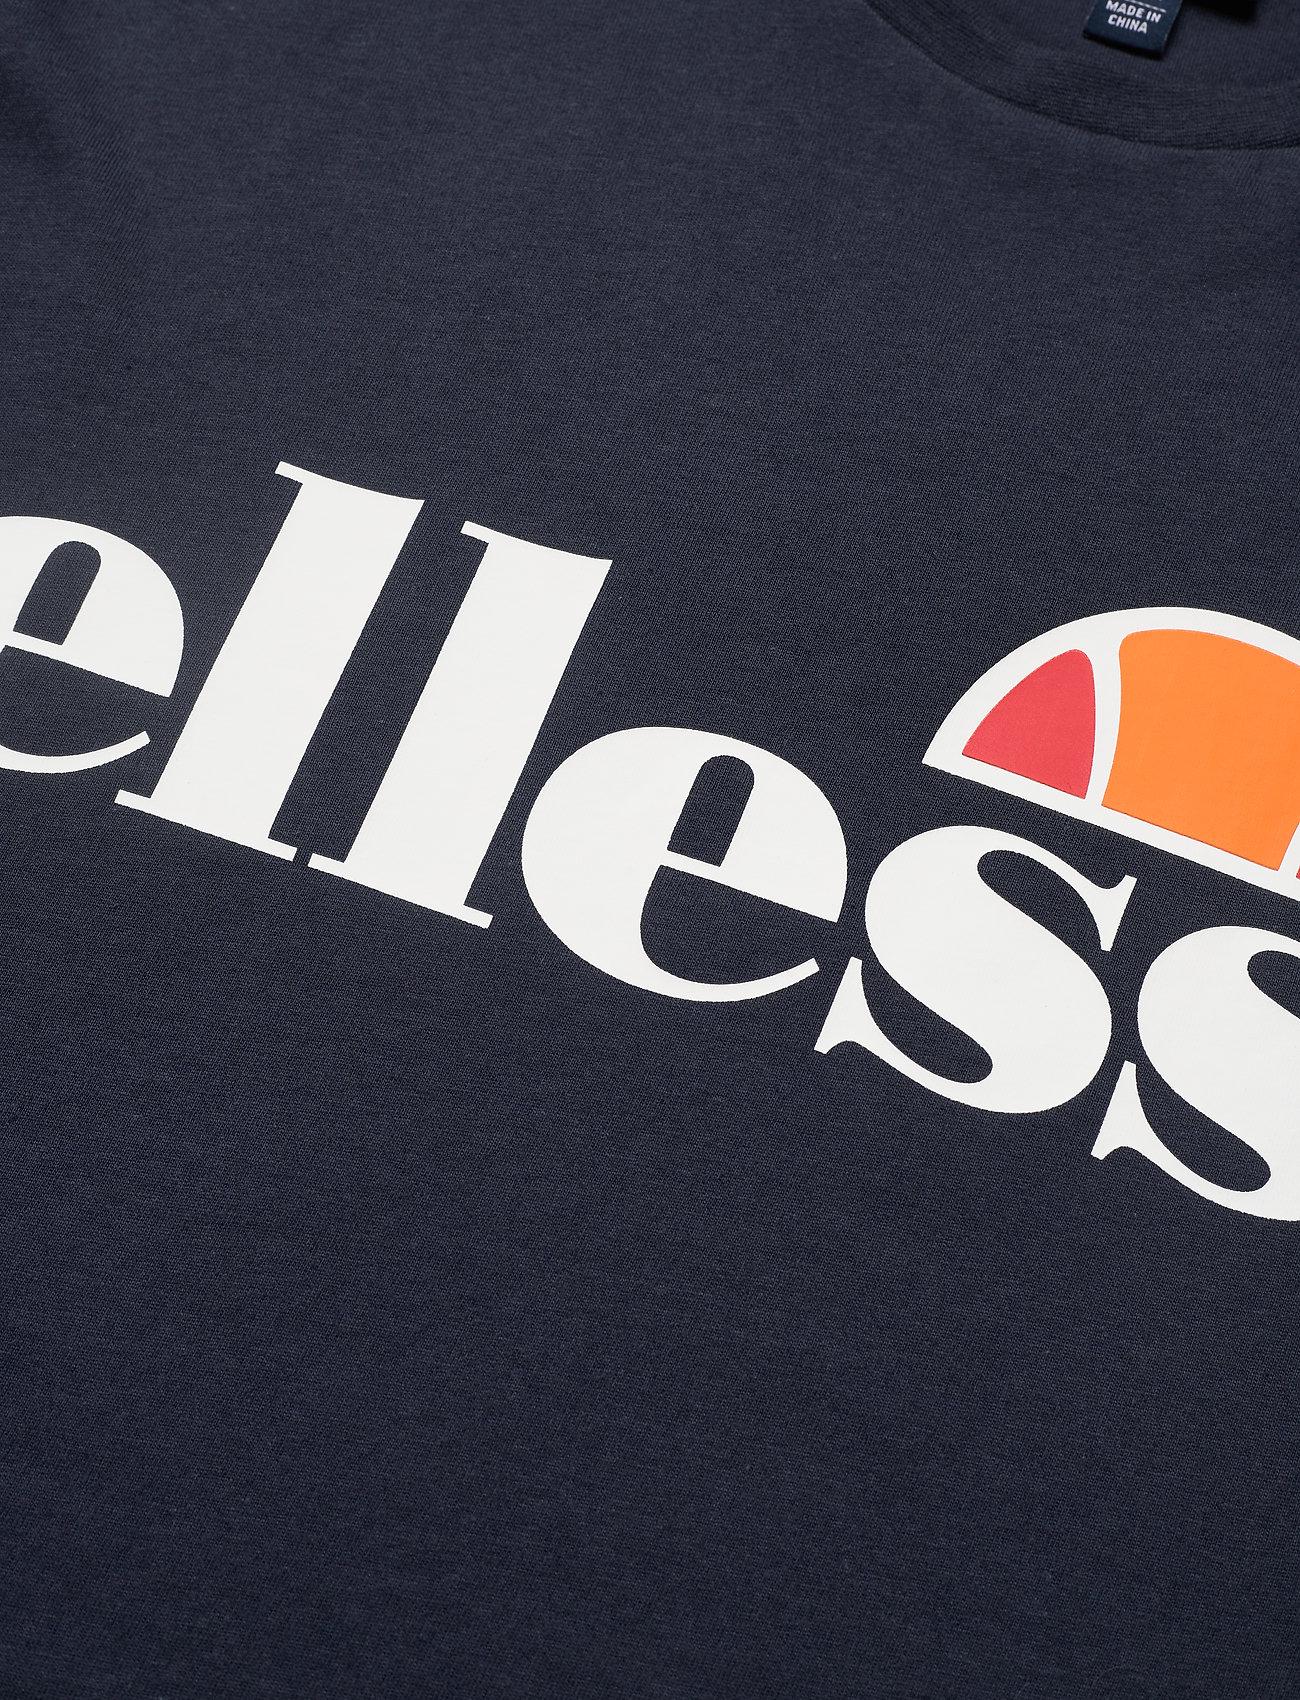 Ellesse EL PRADO (NEW LOGO) - T-skjorter NAVY - Menn Klær